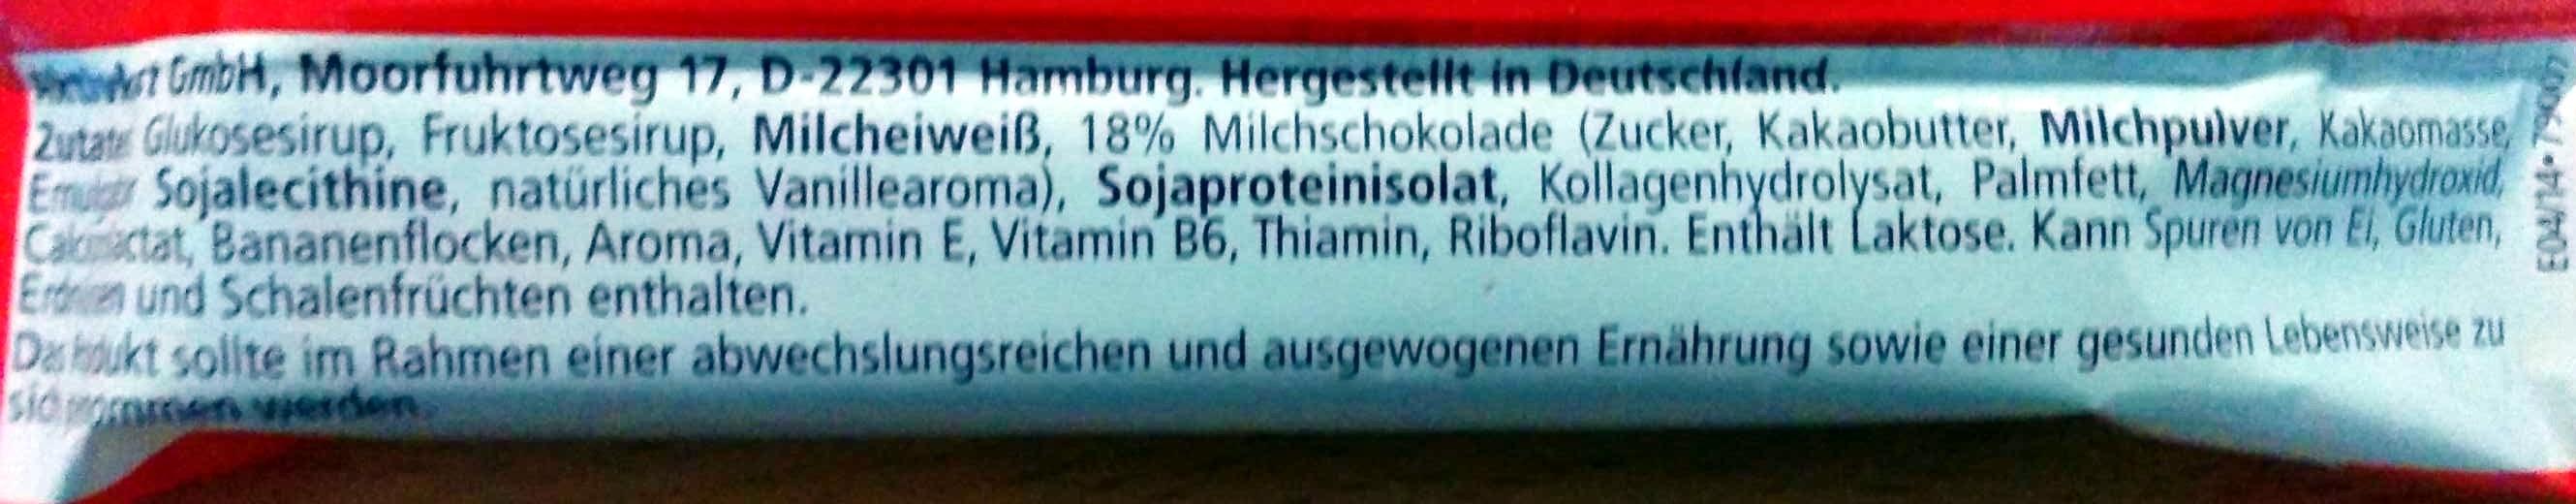 Muscle Protein Bar 27% - Zutaten - de